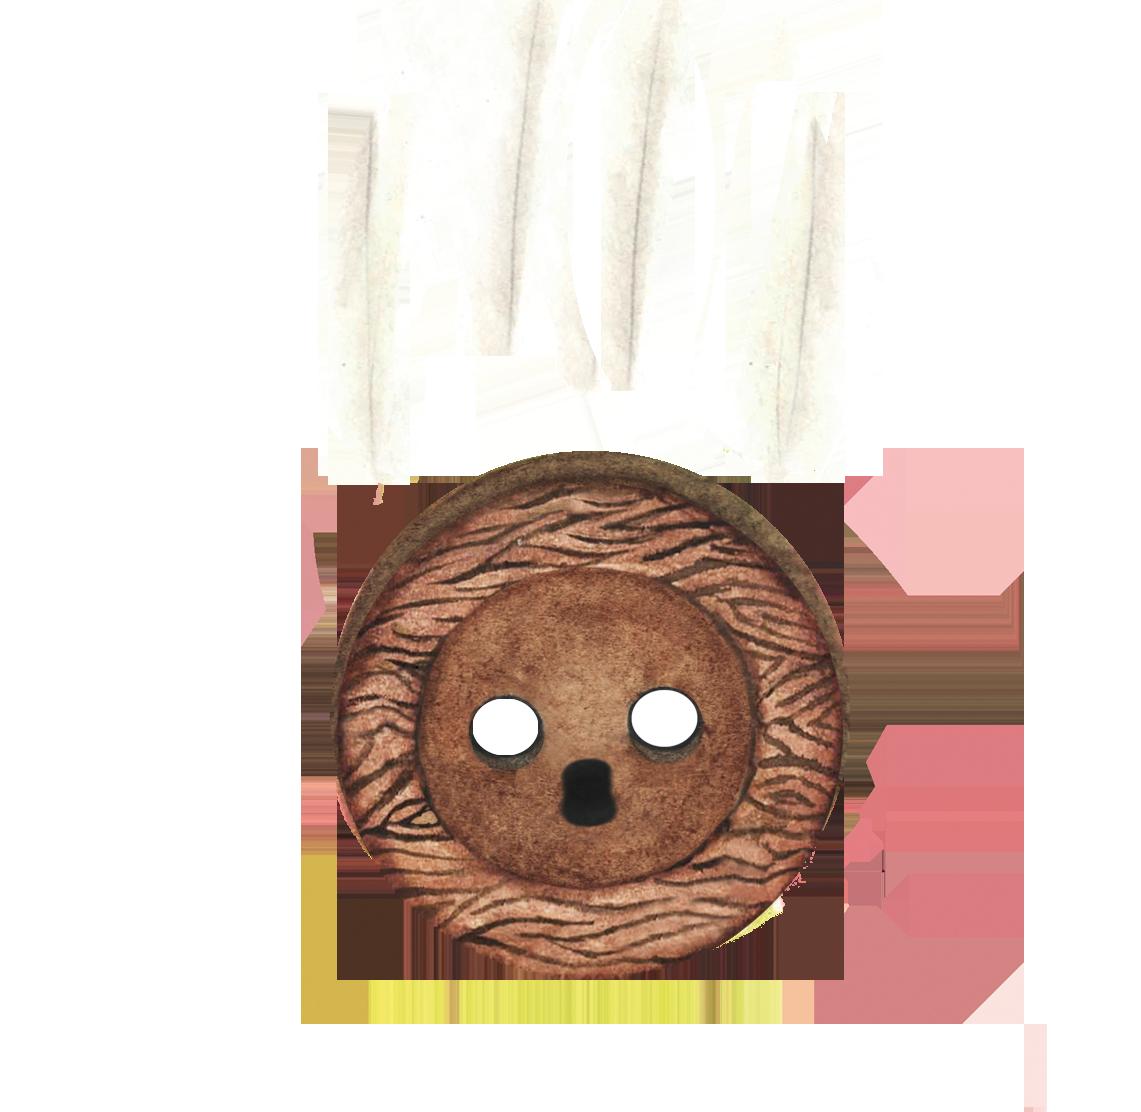 knopfbuch-knopfsache